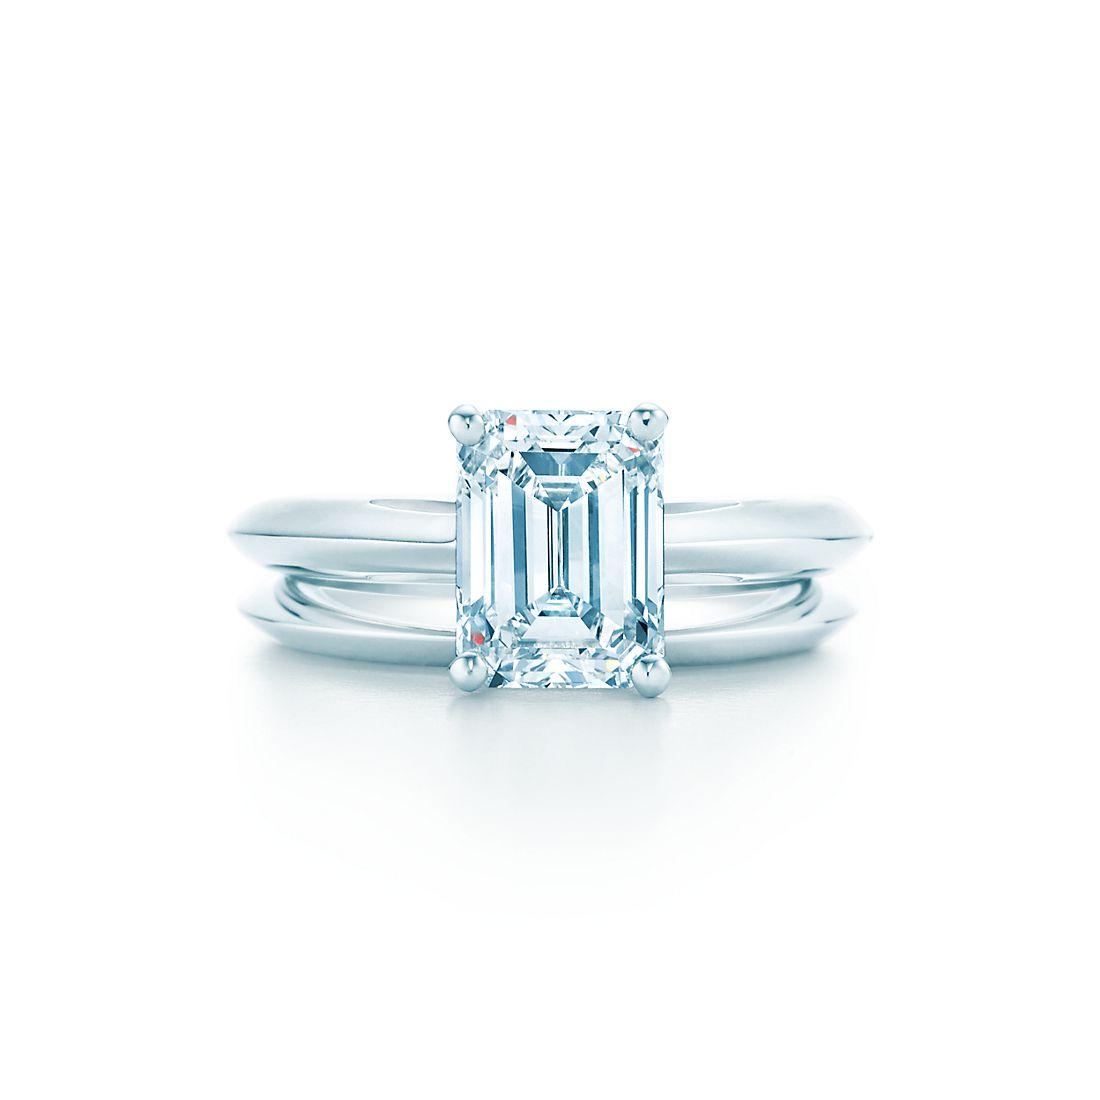 Wedding ring emerald cut